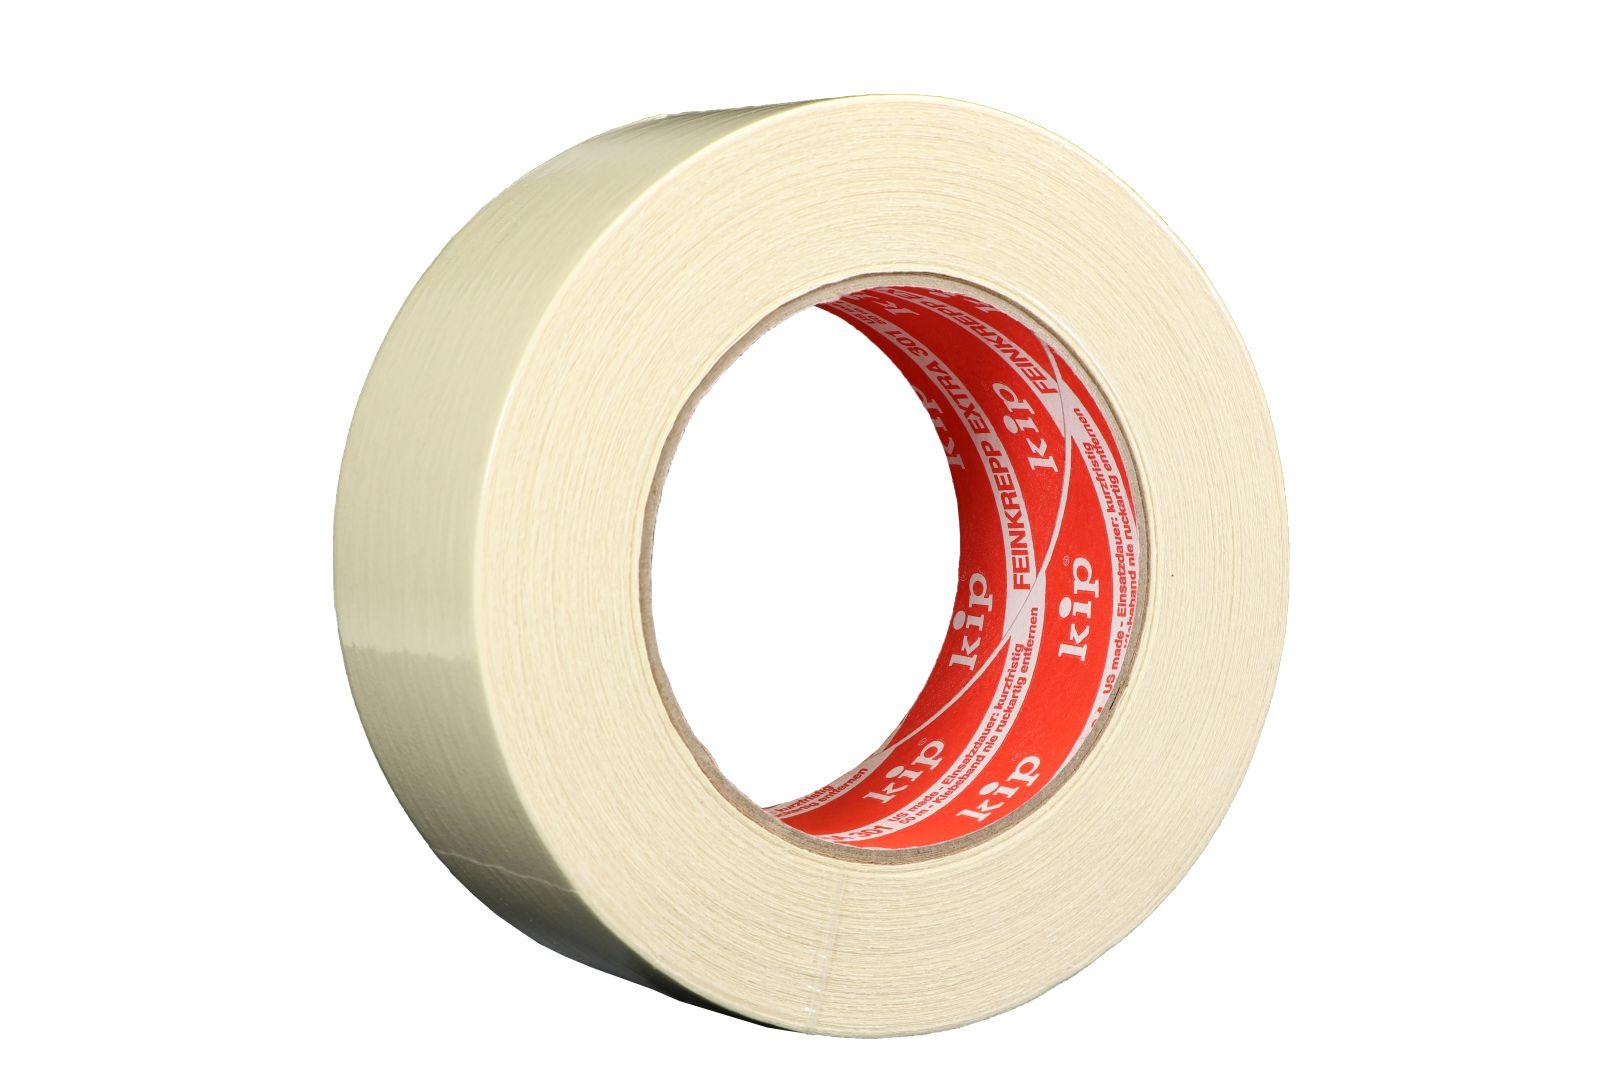 KIP 301-48 Feinkrepp extra, Kreppband, beige, 48 mm x 50m